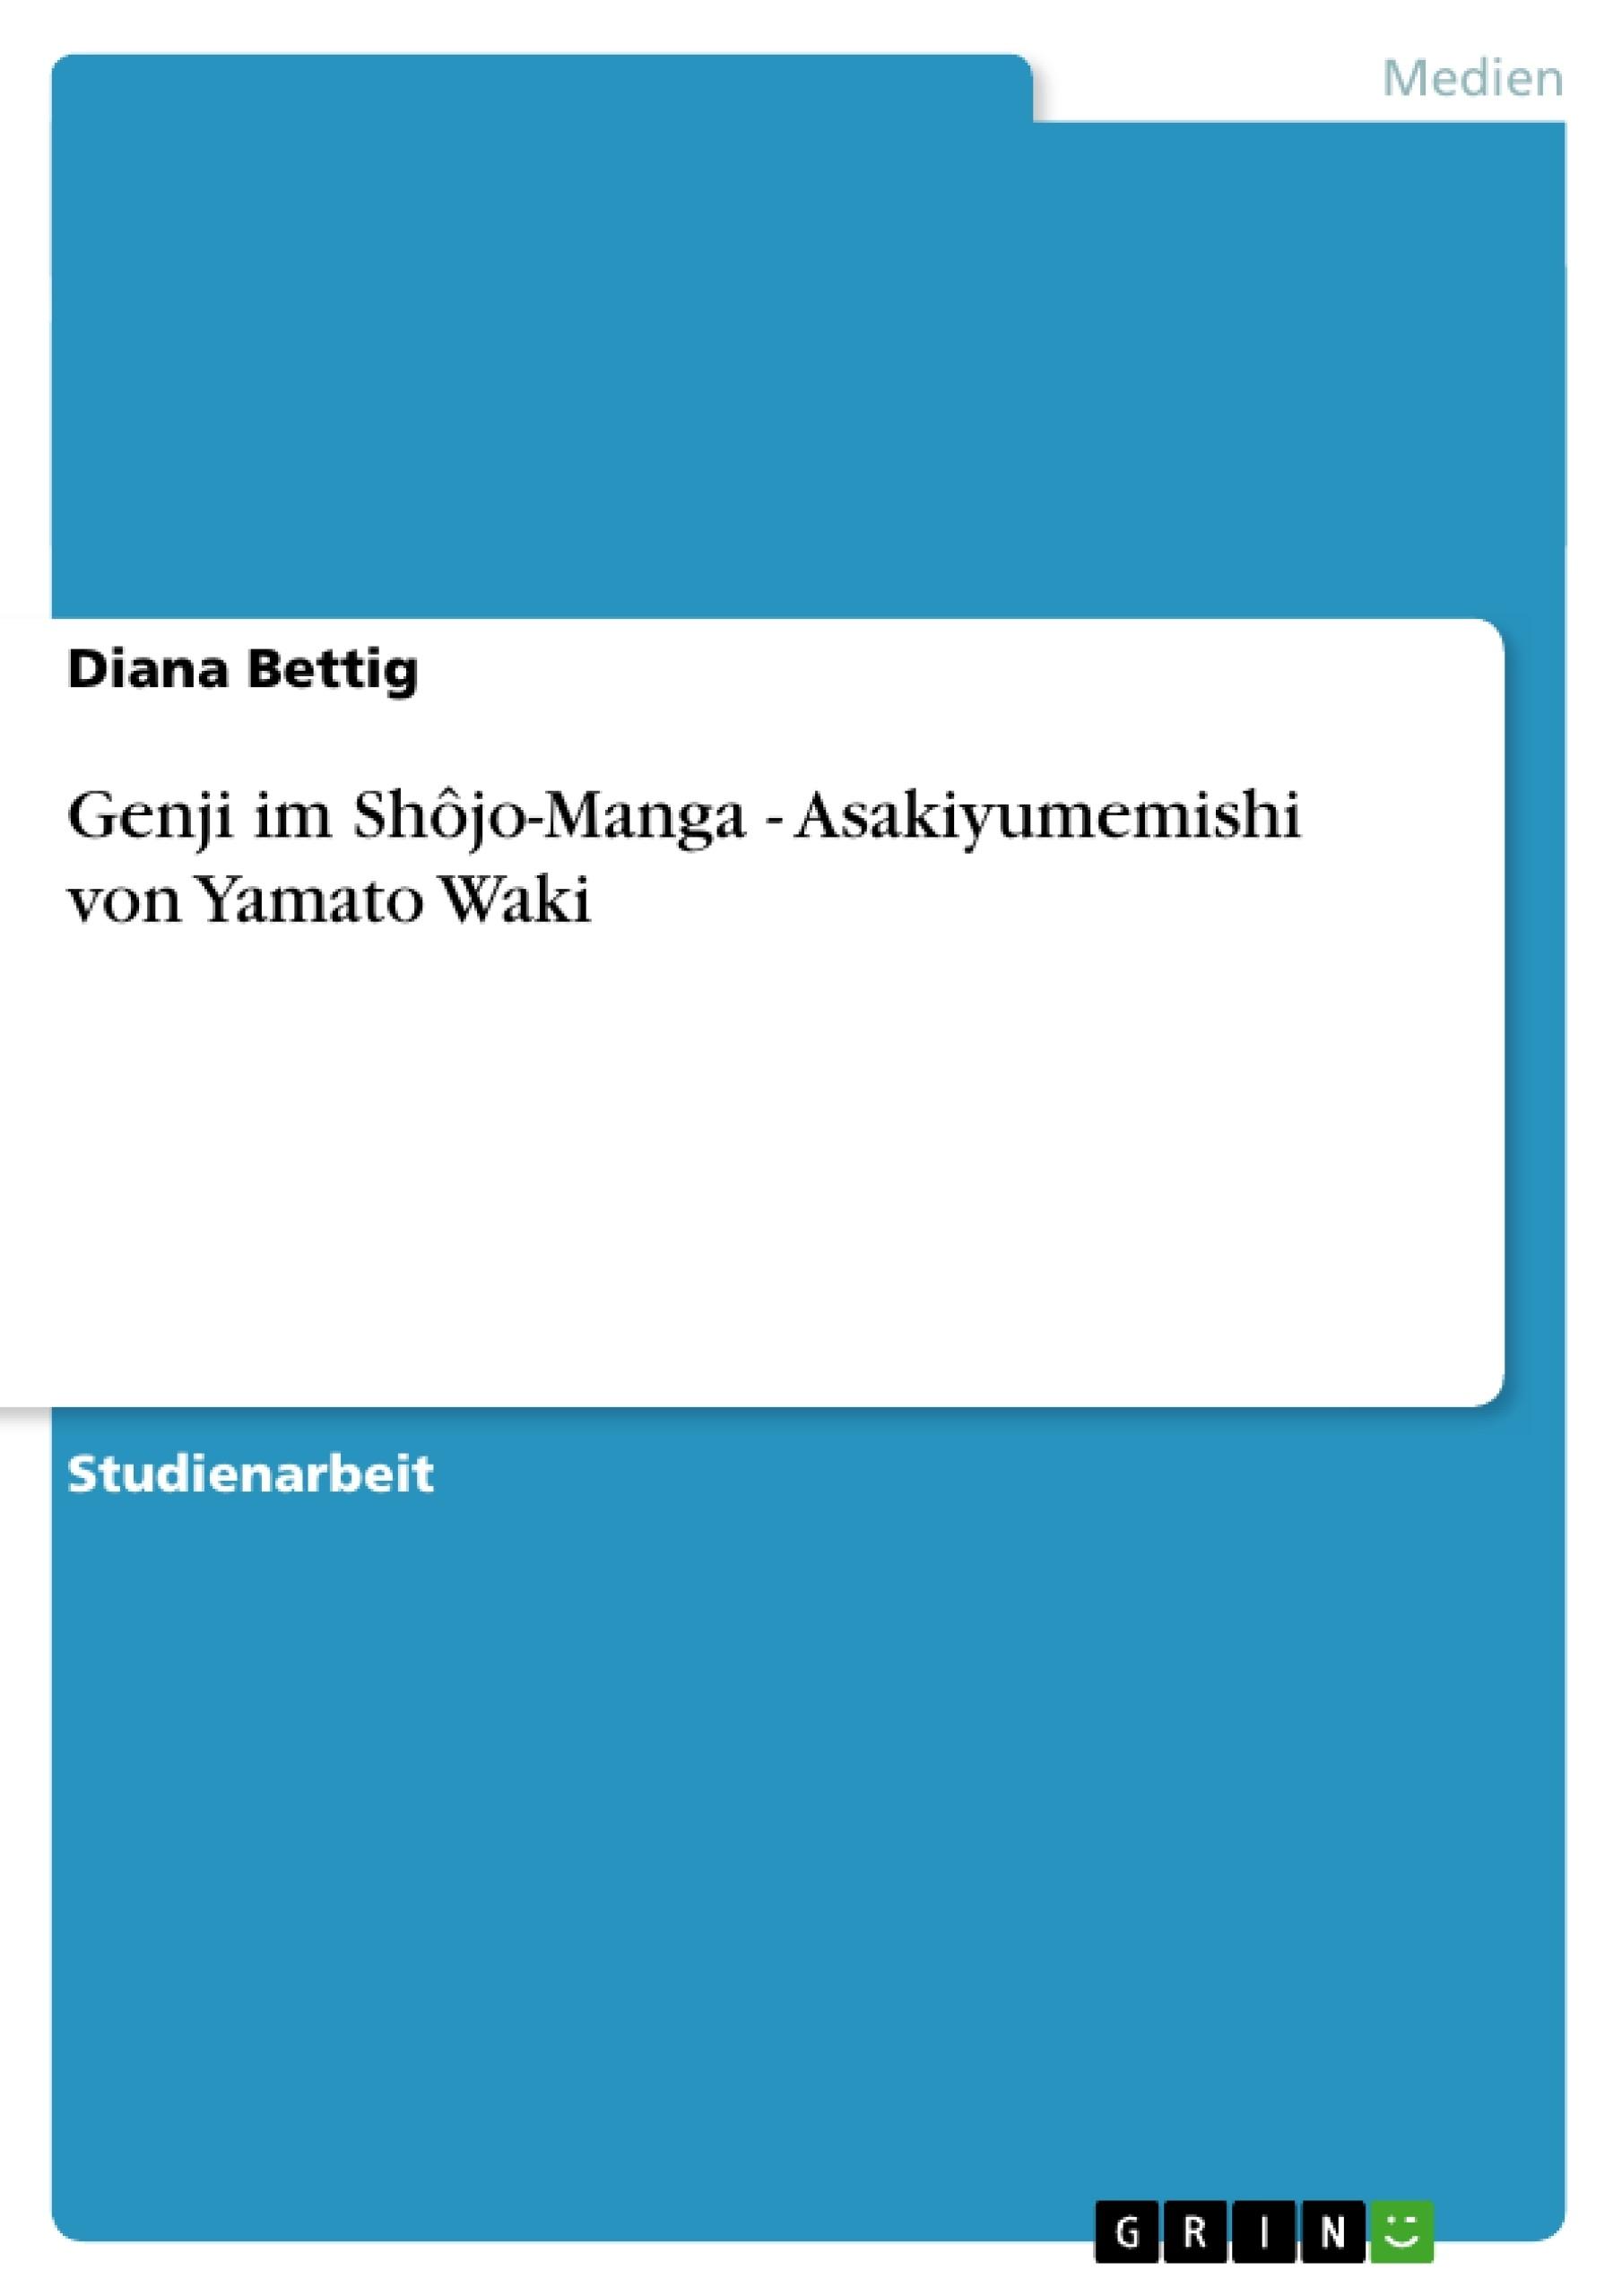 Titel: Genji im Shôjo-Manga - Asakiyumemishi von Yamato Waki